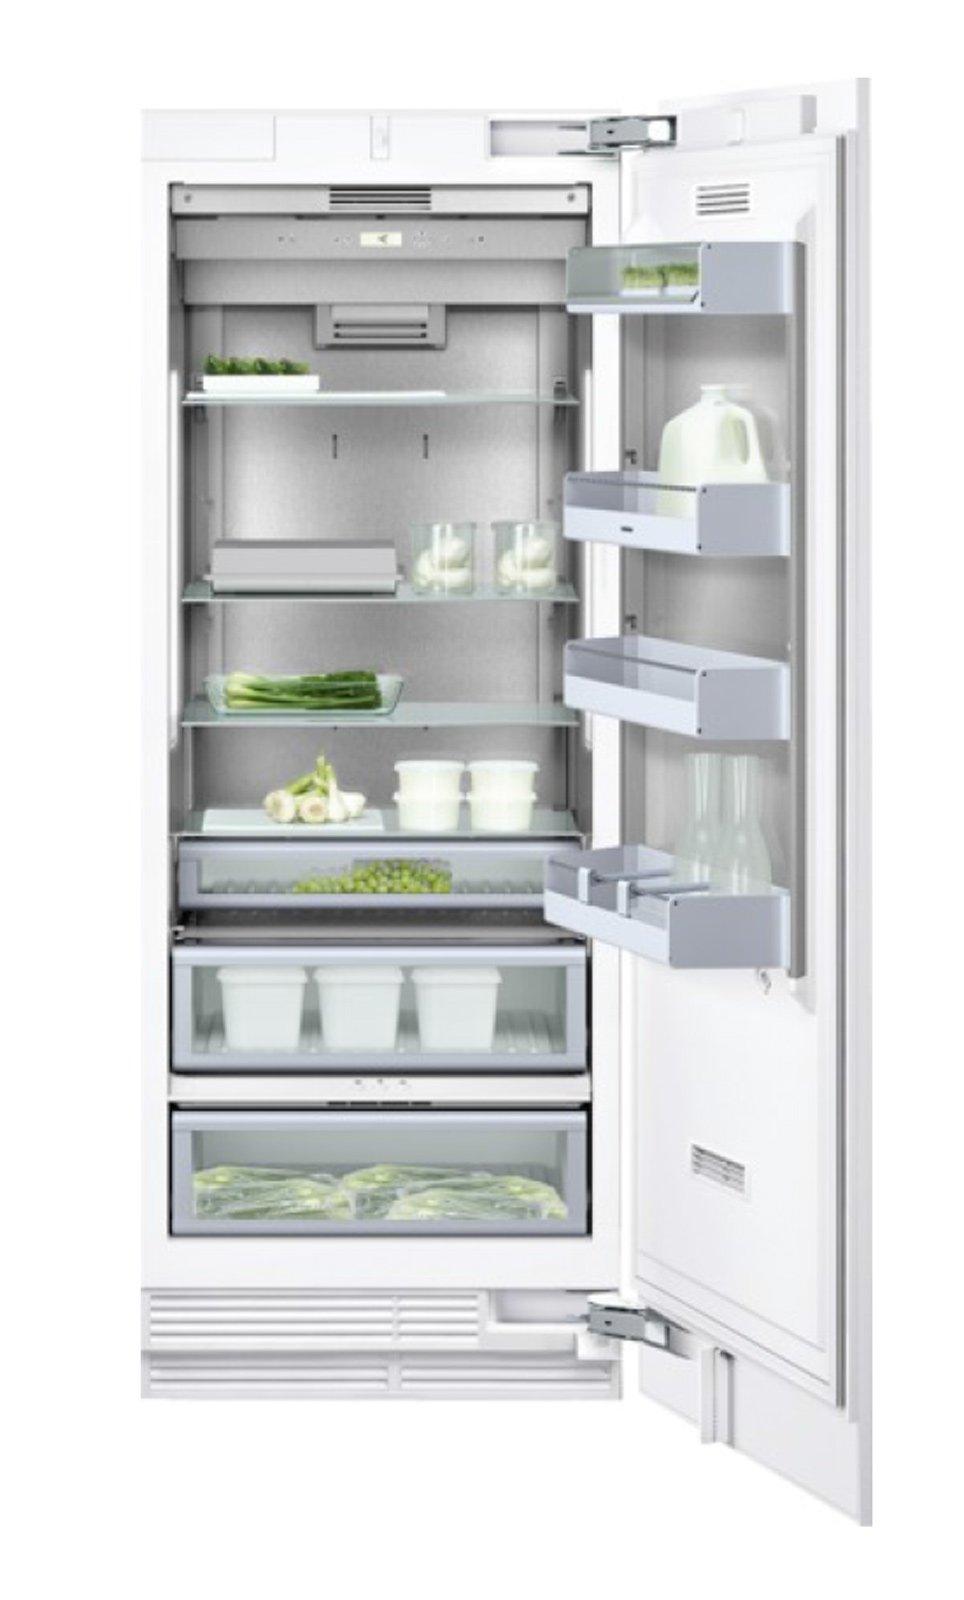 frigoriferi con scomparti e temperature per i diversi alimenti